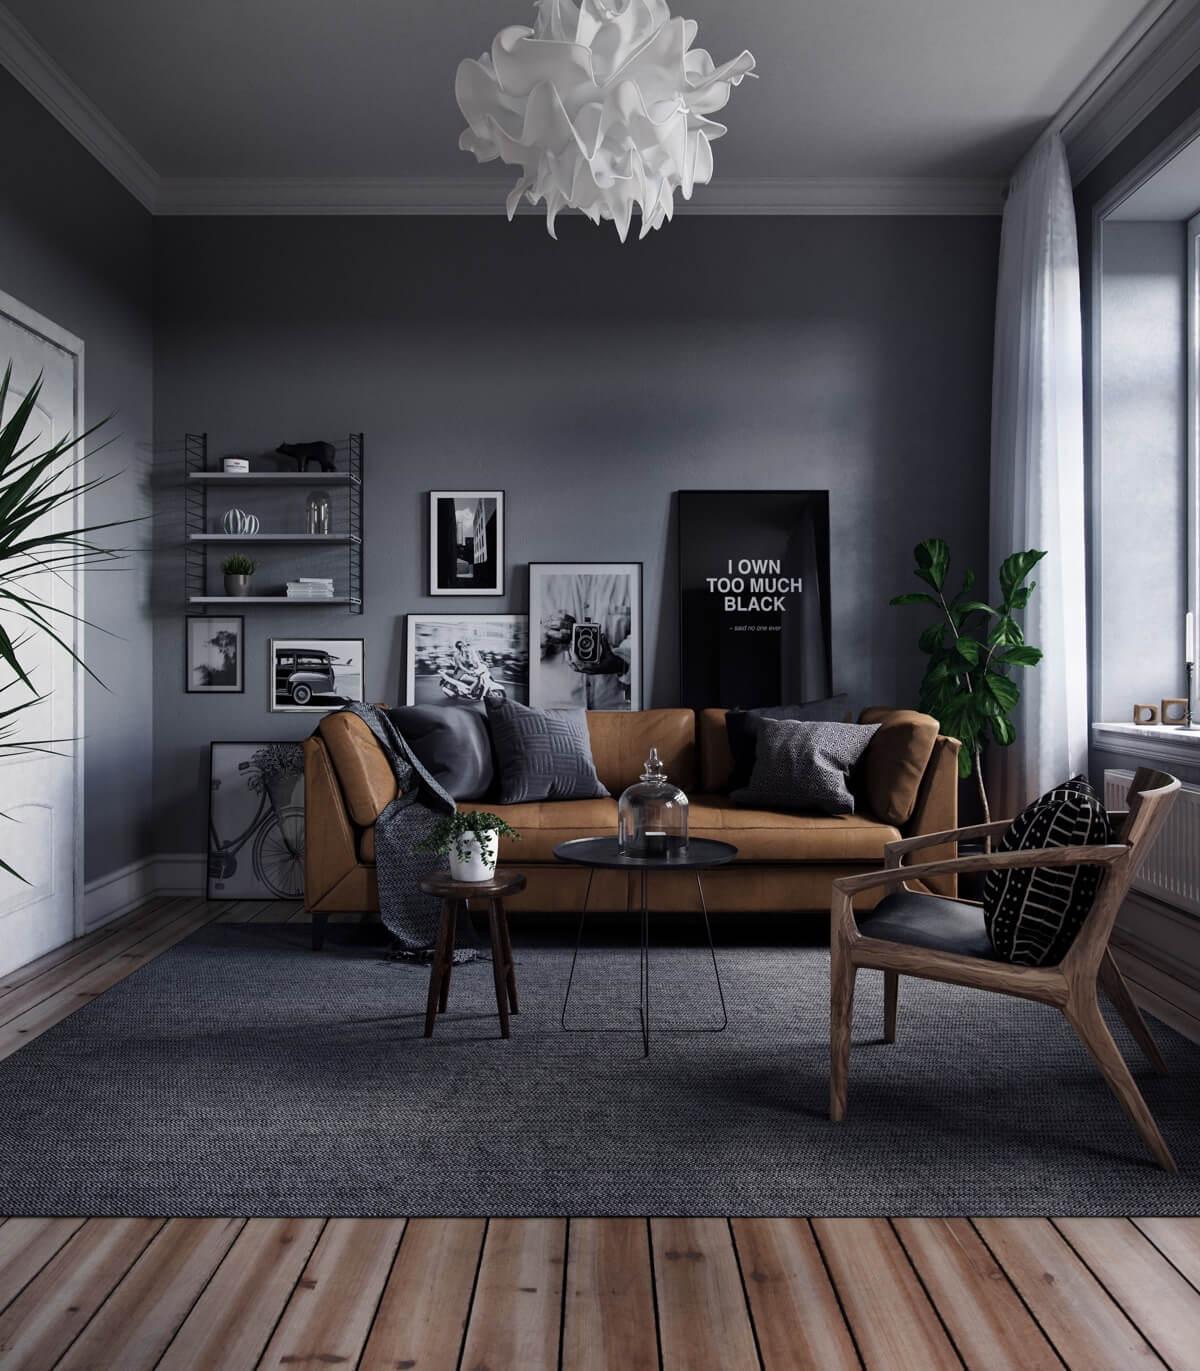 Chọn ghế sofa có màu trầm trong phong cách bắc âu